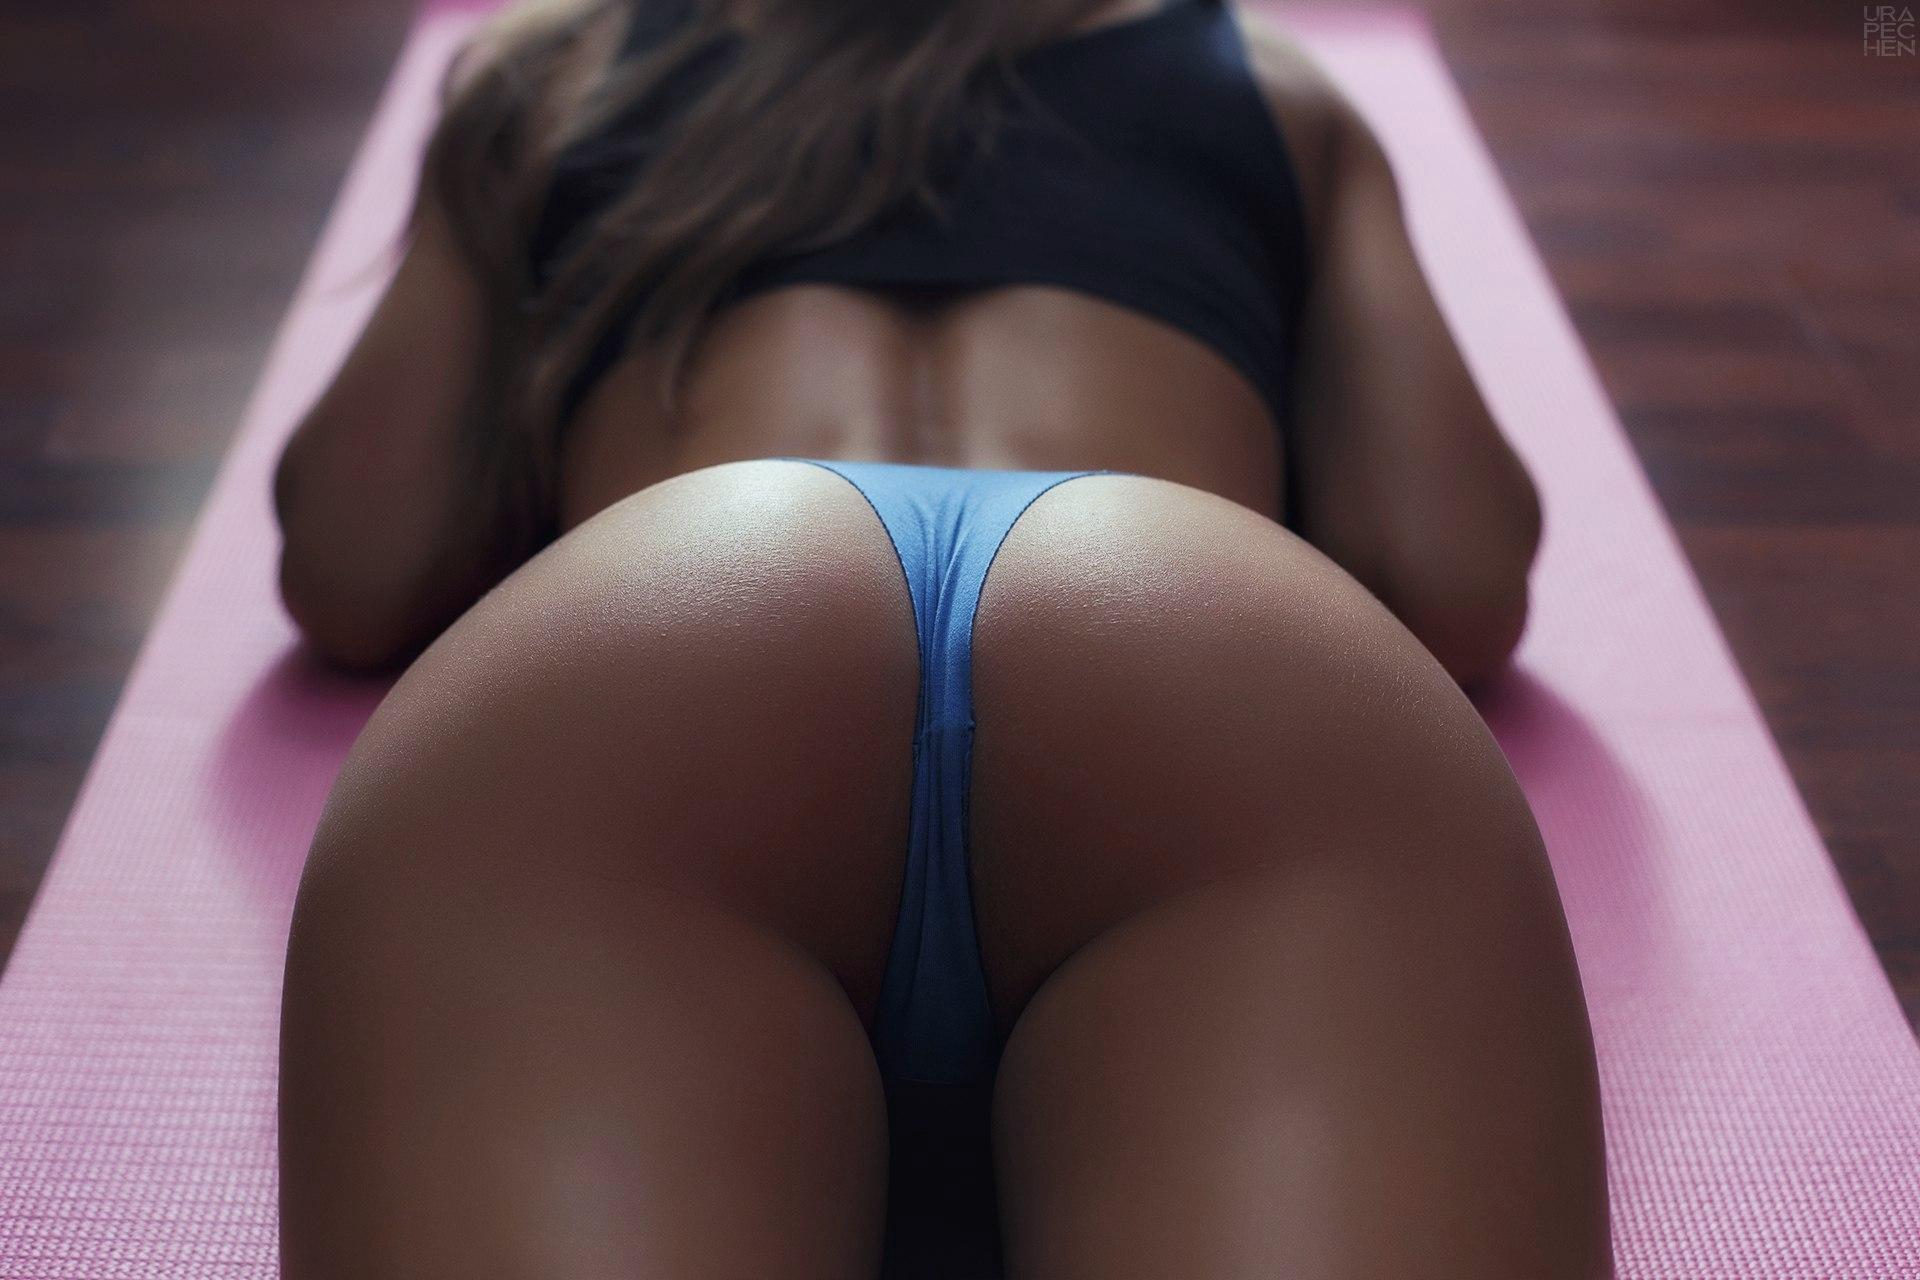 эротическое фото задницы